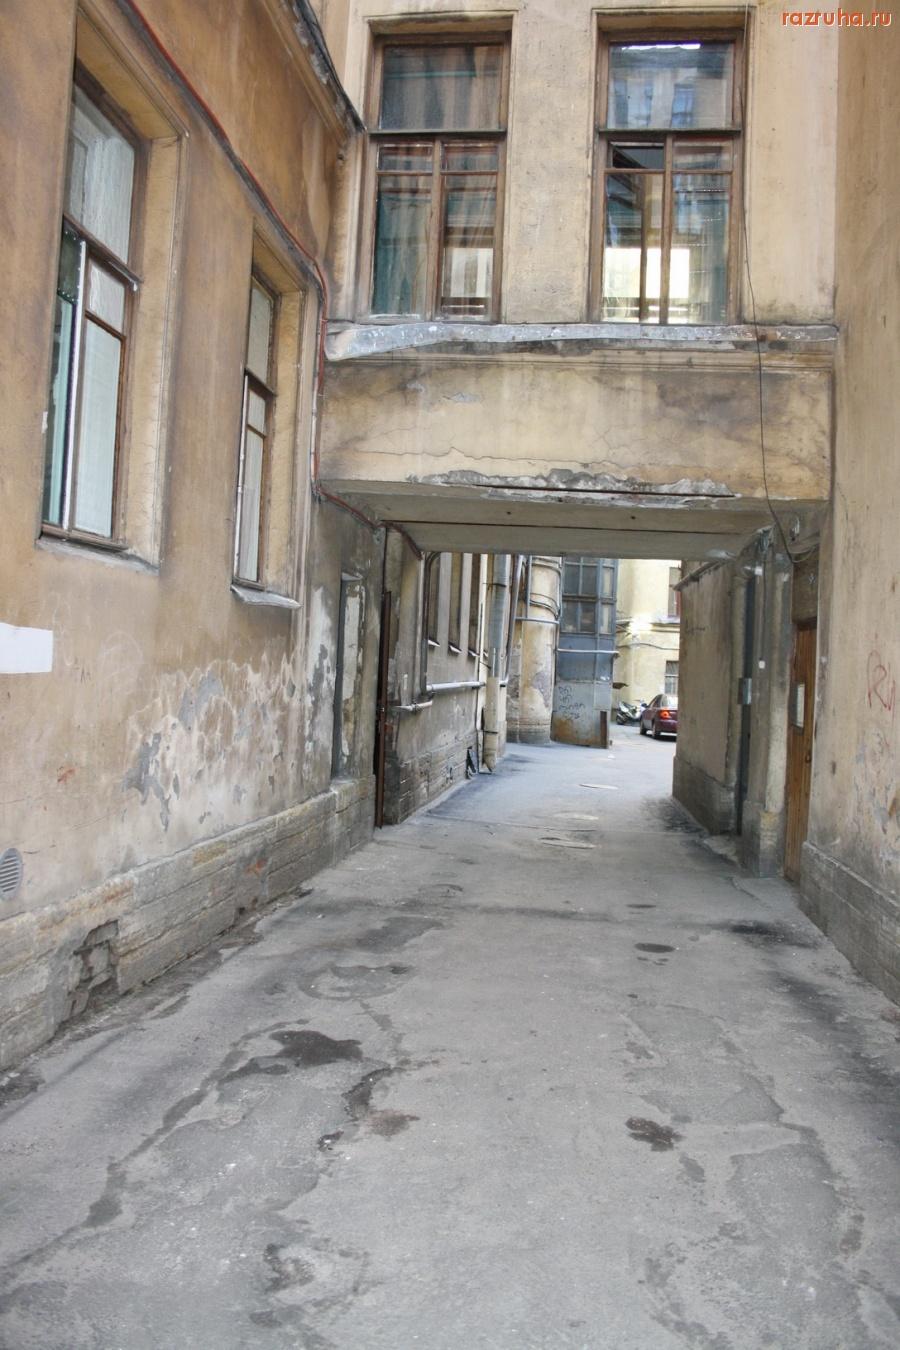 Проходные дворы на Петроградке